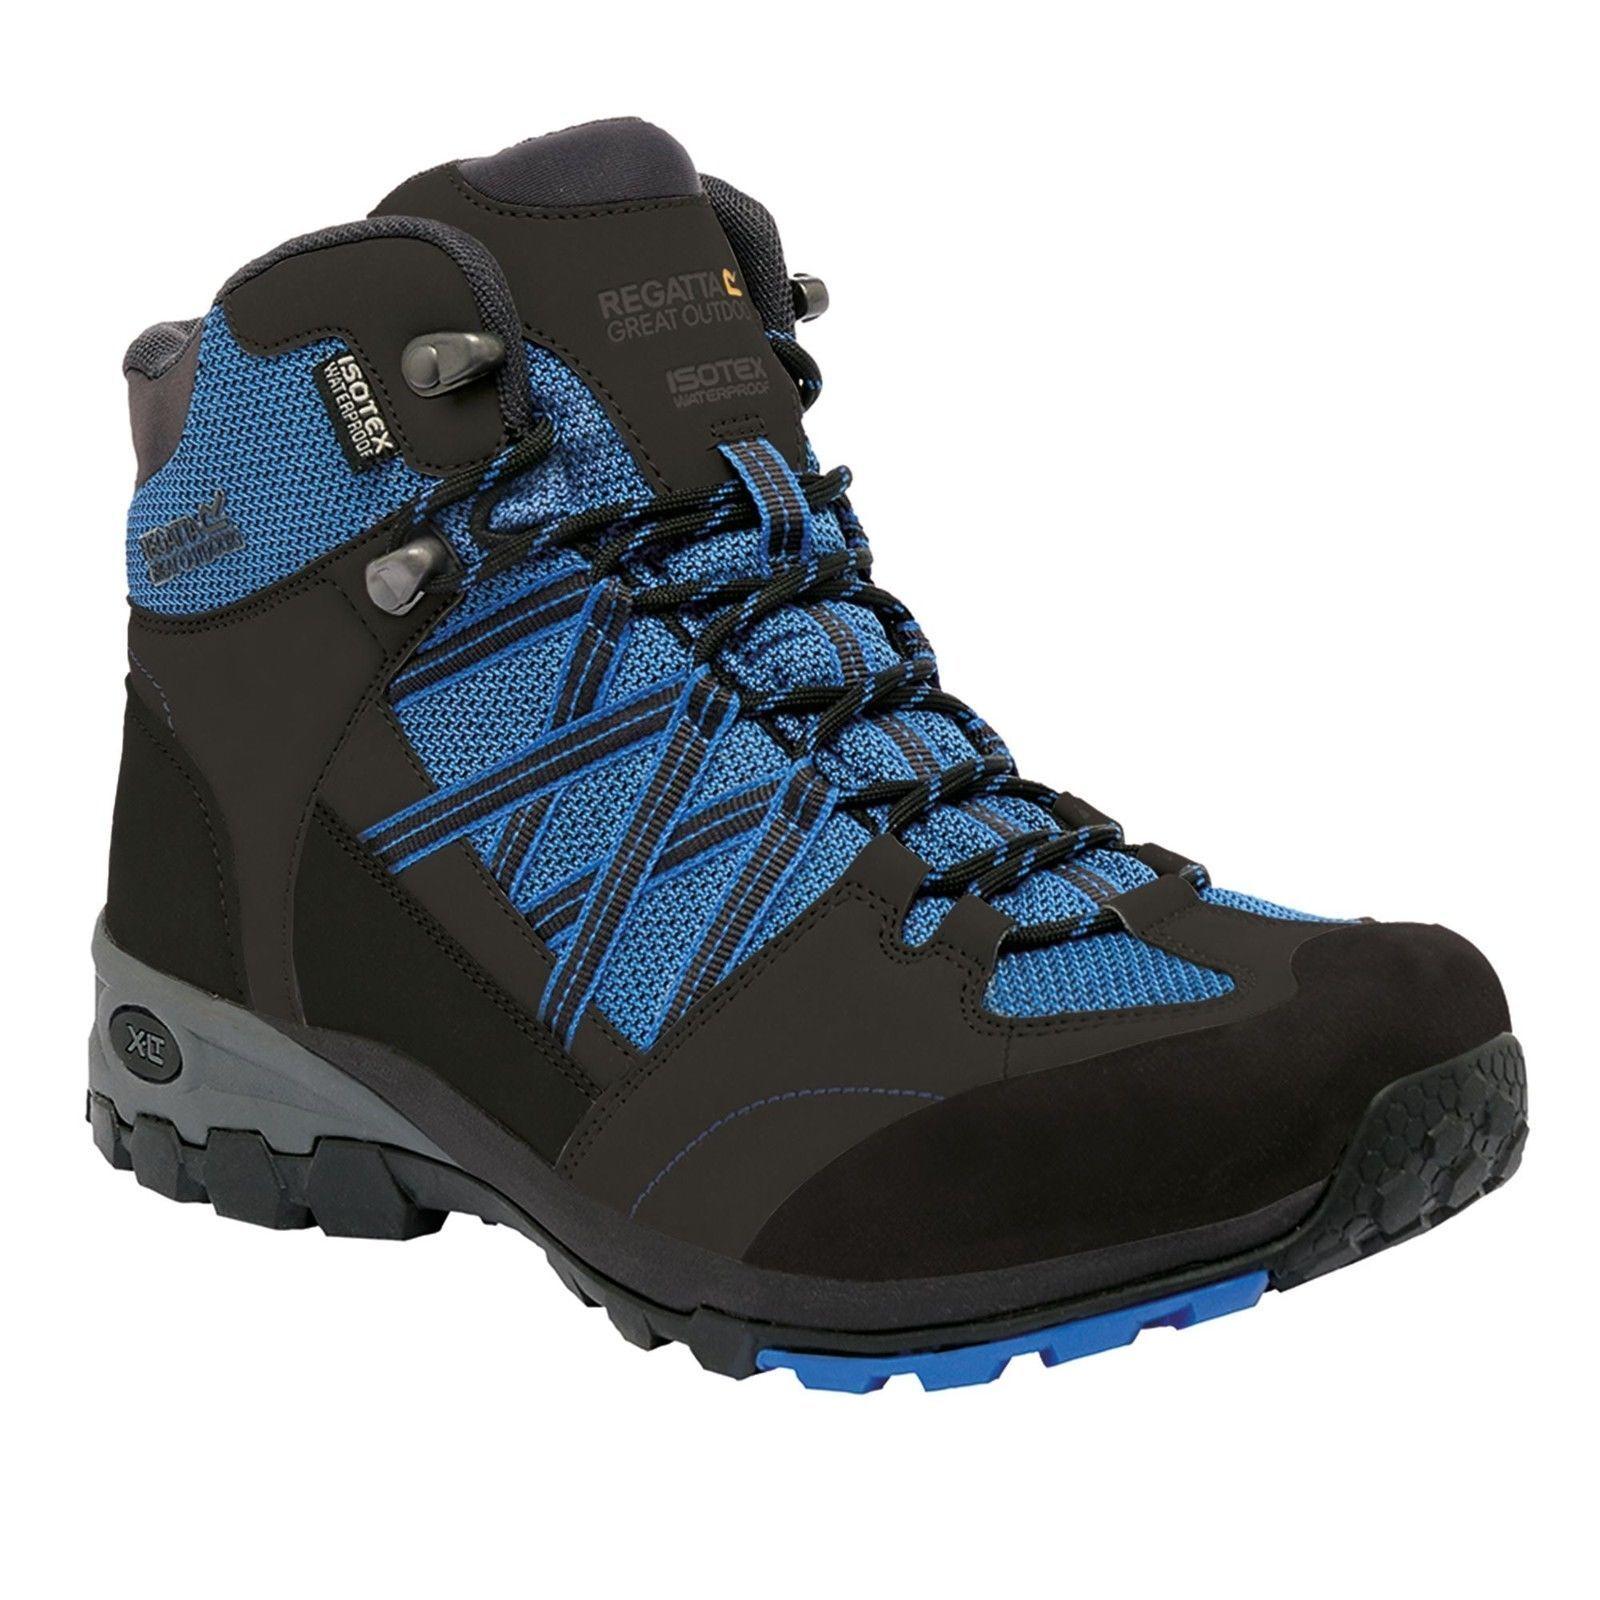 REGATTA da uomo SAMARIS Mid Da Passeggio Trail RMF509 Waterproof Boot blu arancione RMF509 Trail e97368